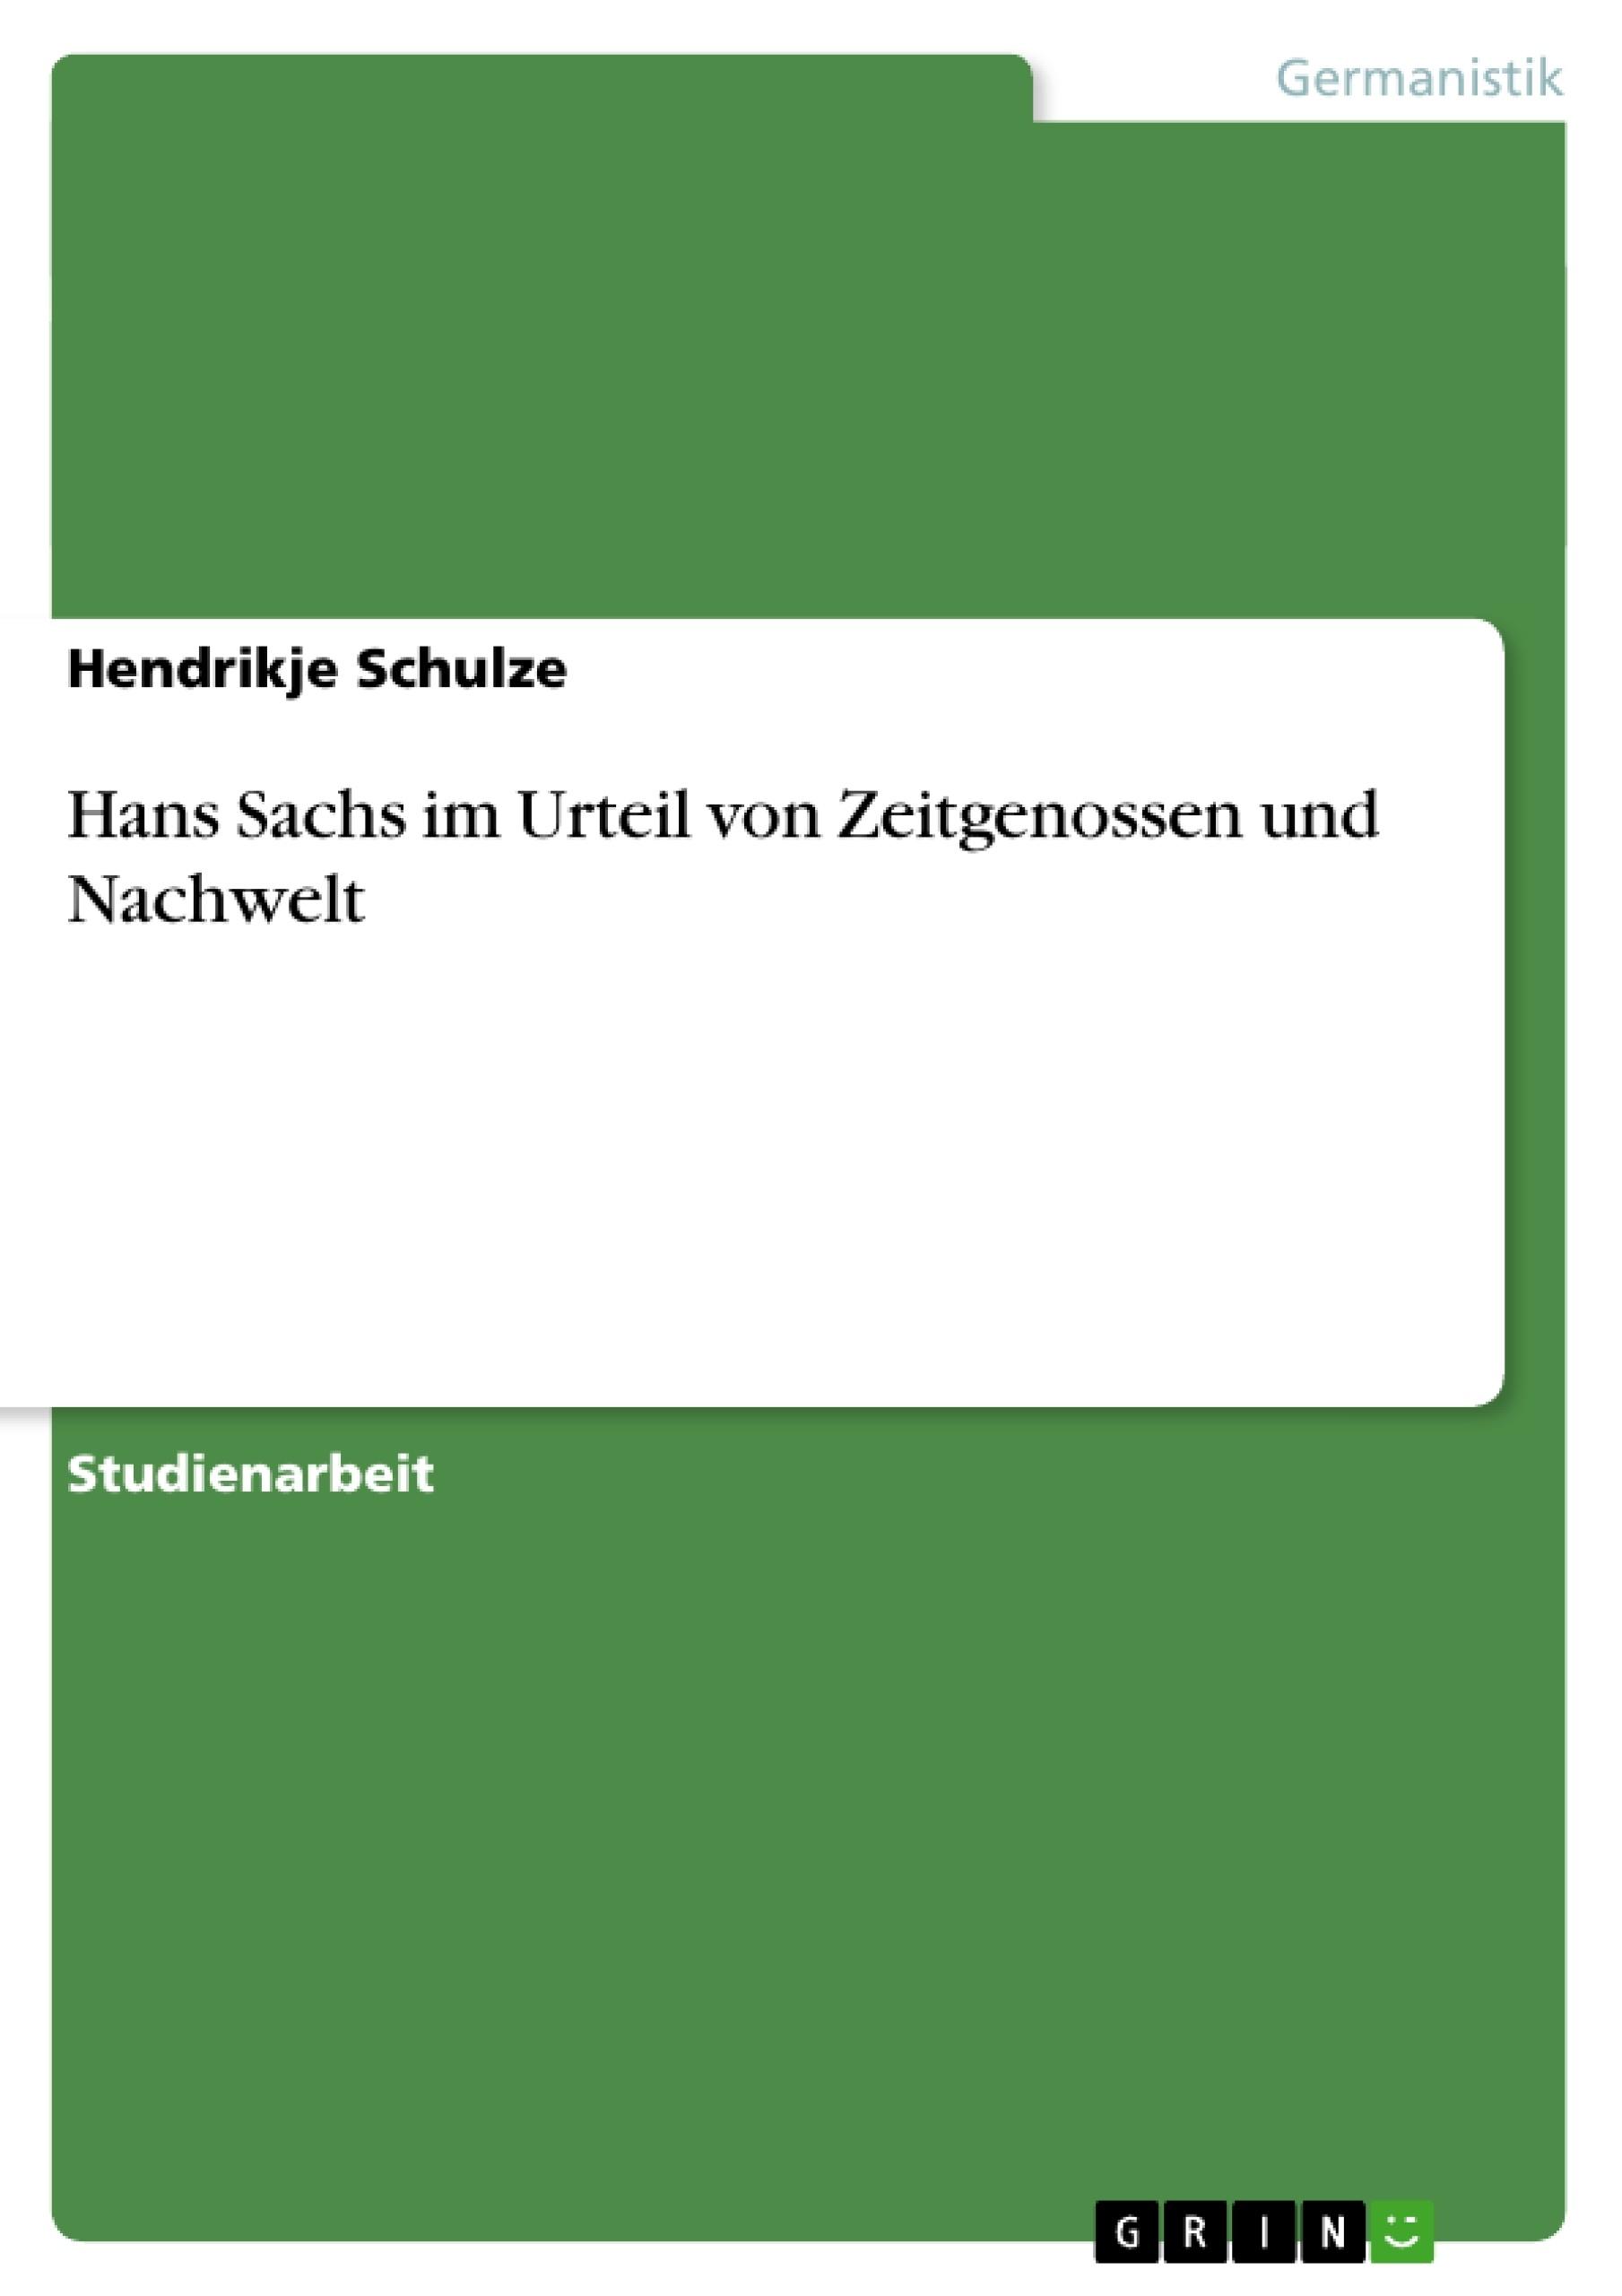 Titel: Hans Sachs im Urteil von Zeitgenossen und Nachwelt